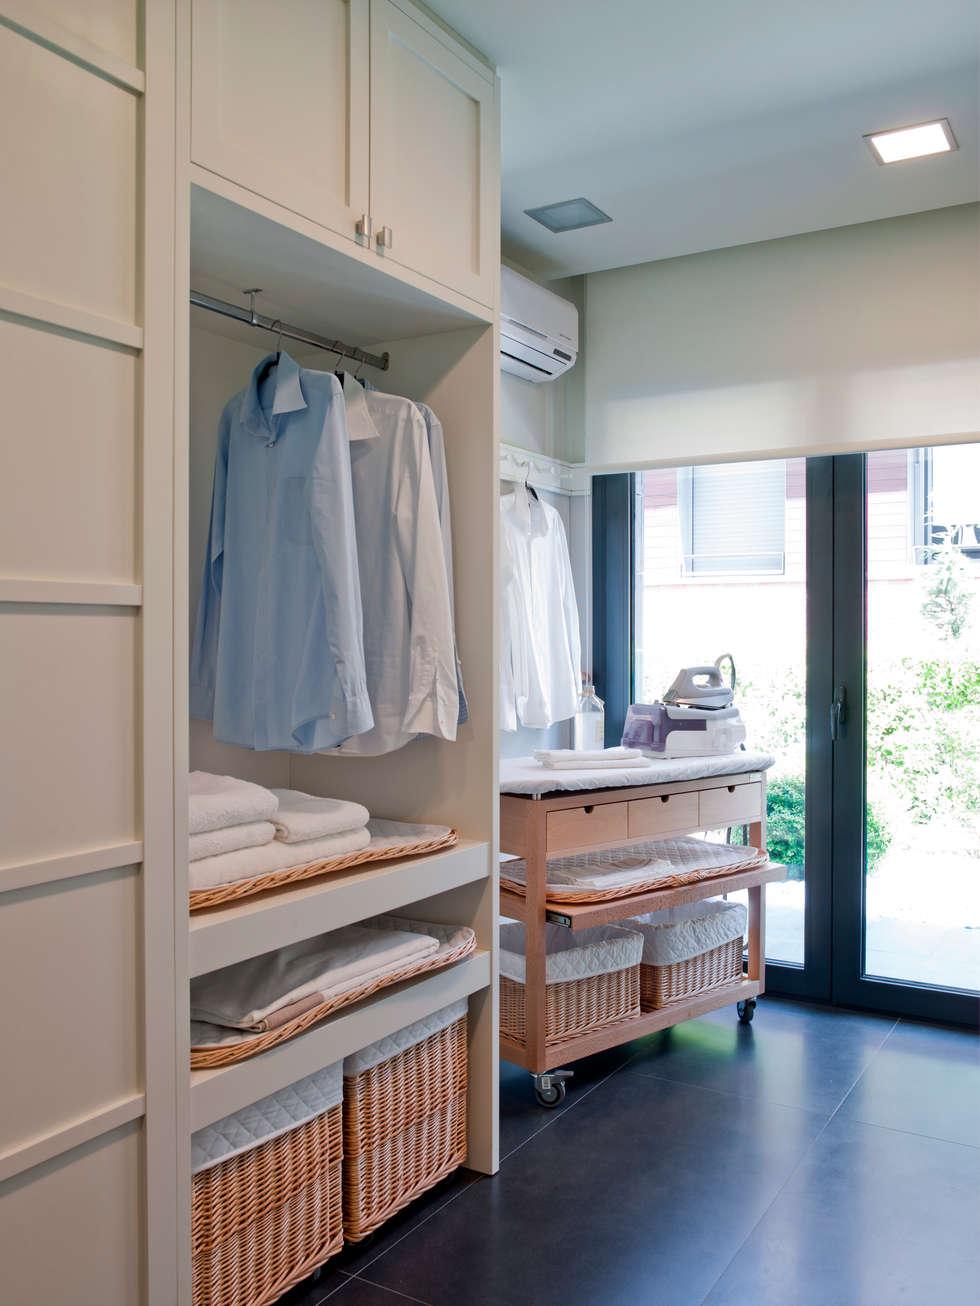 Fotos de decoraci n y dise o de interiores homify for Diseno de lavaderos